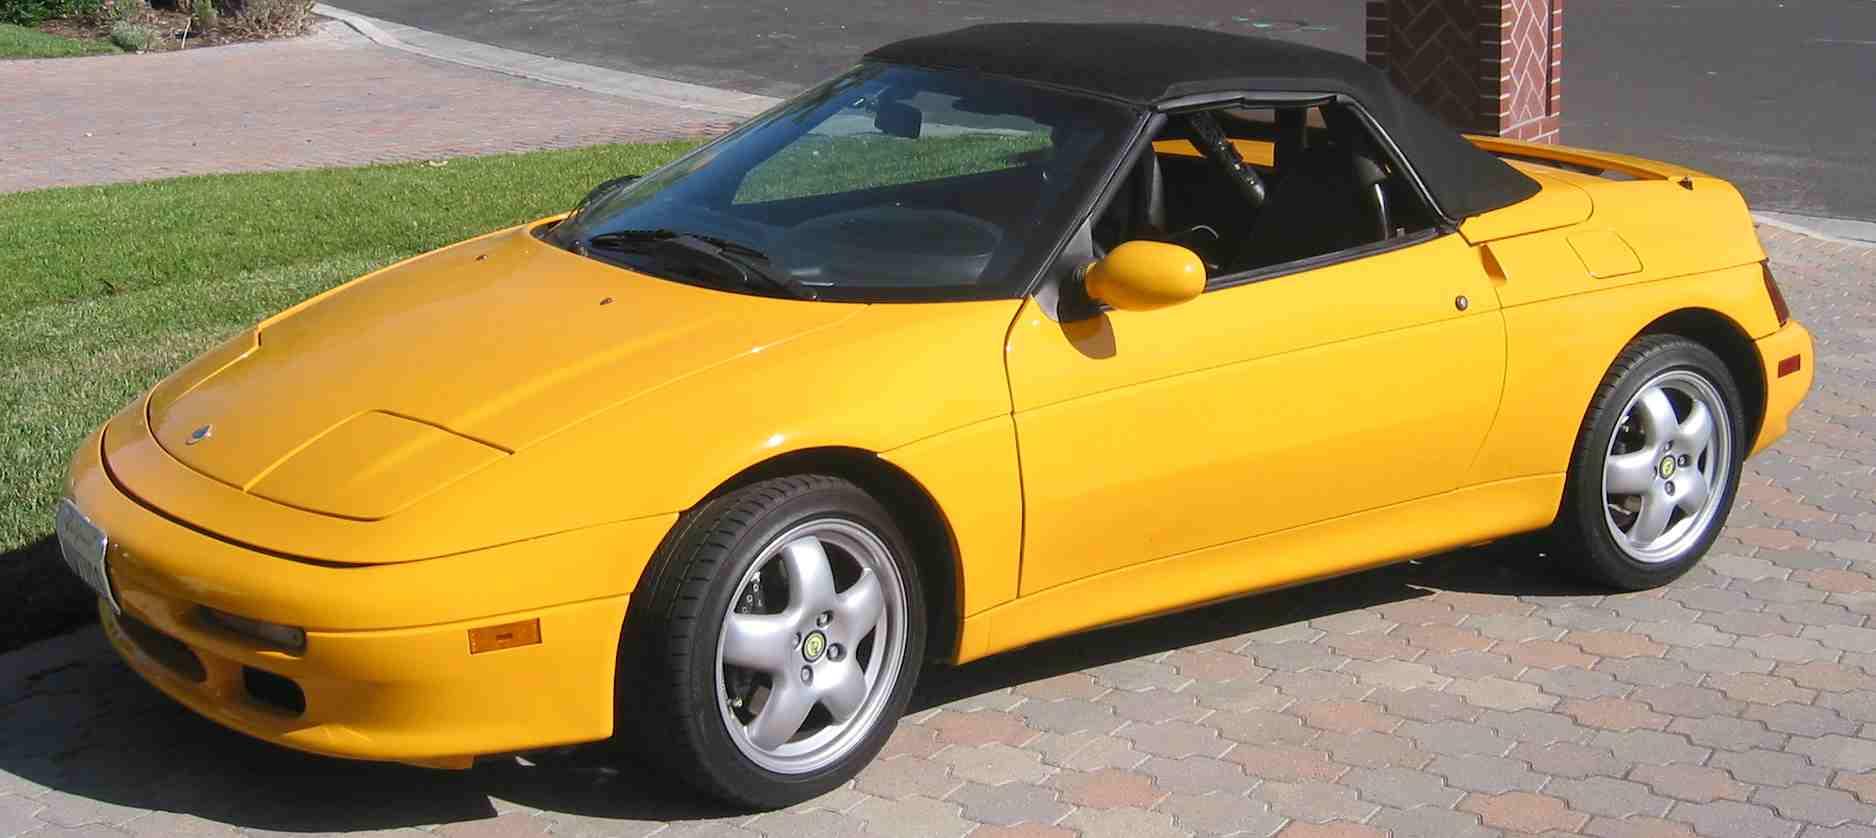 yellow 1991 Lotus Elan M100